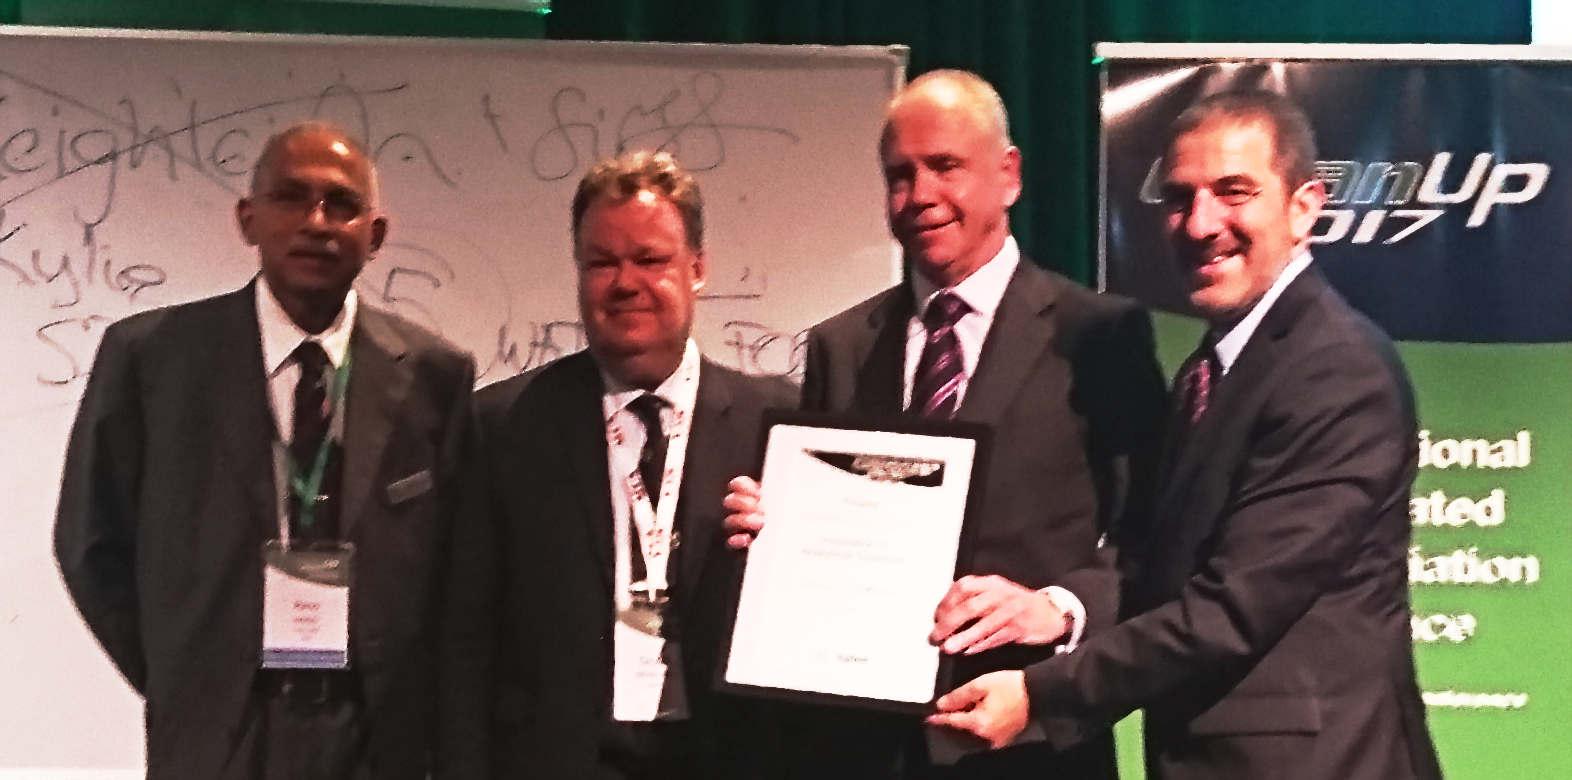 arcHUB - Agilent Award Presentation